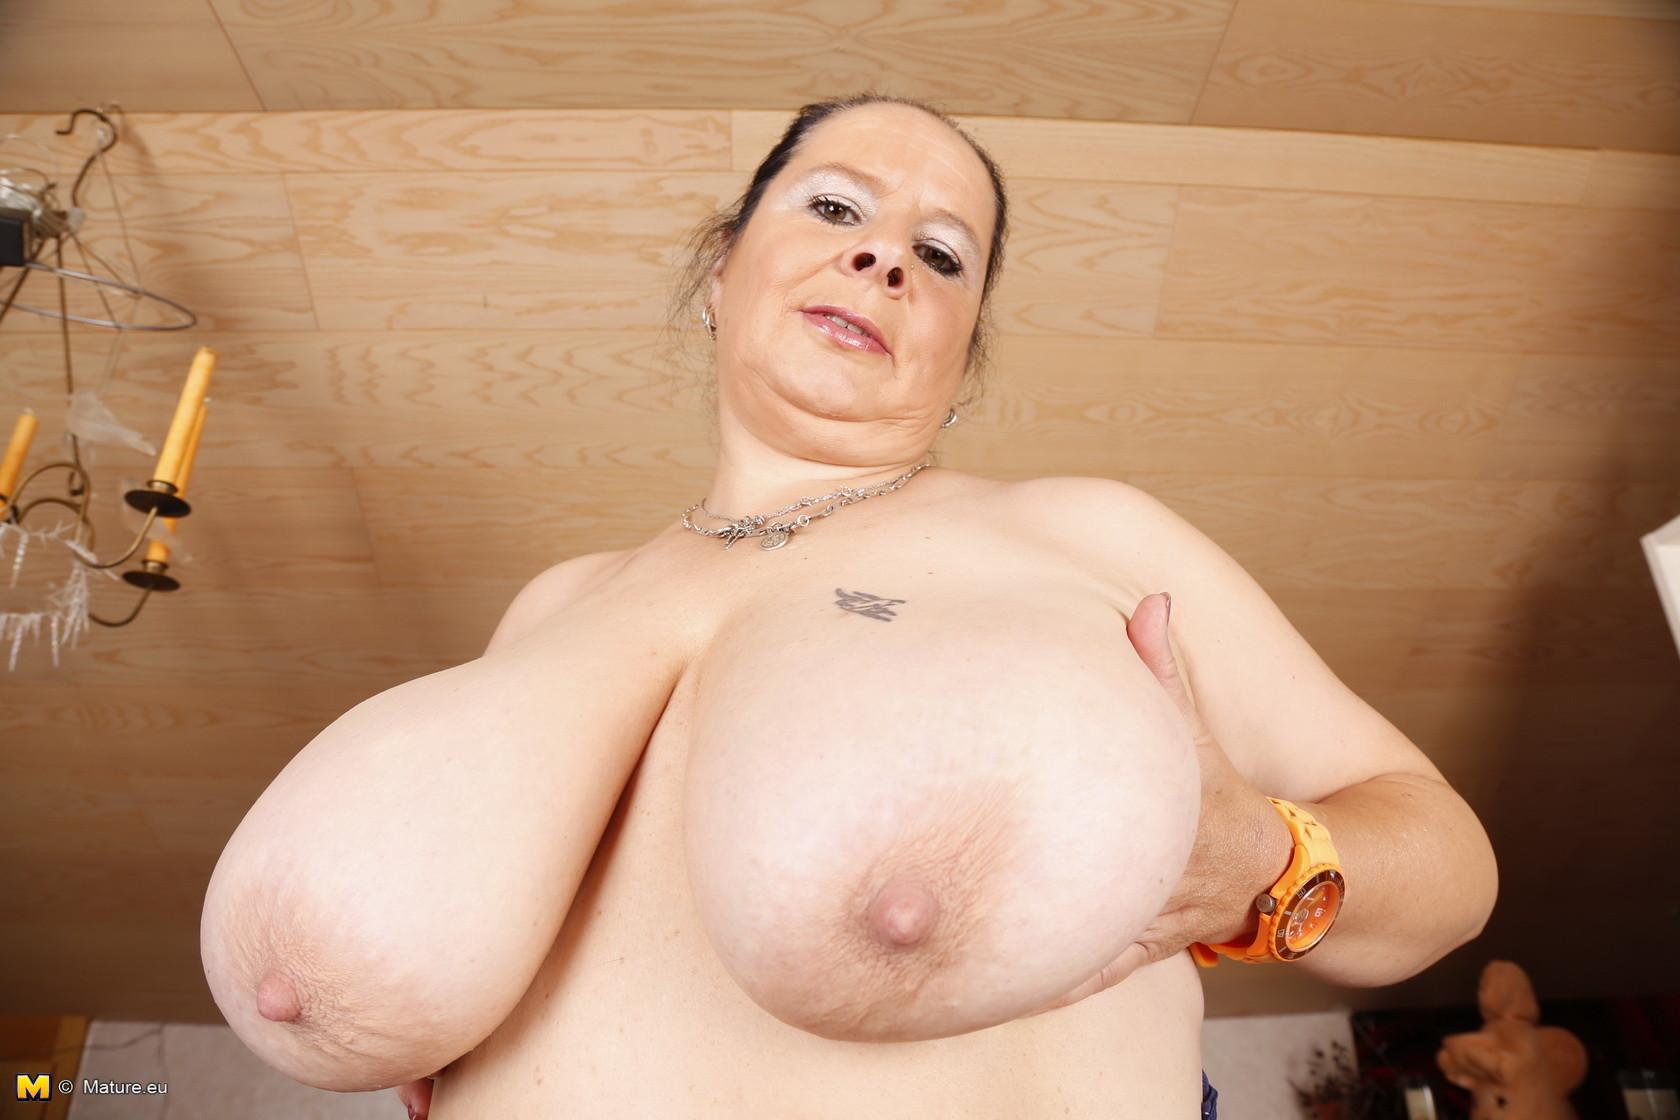 Сиськи у голых толстушек, Голые толстушки частные секс фото 13 фотография